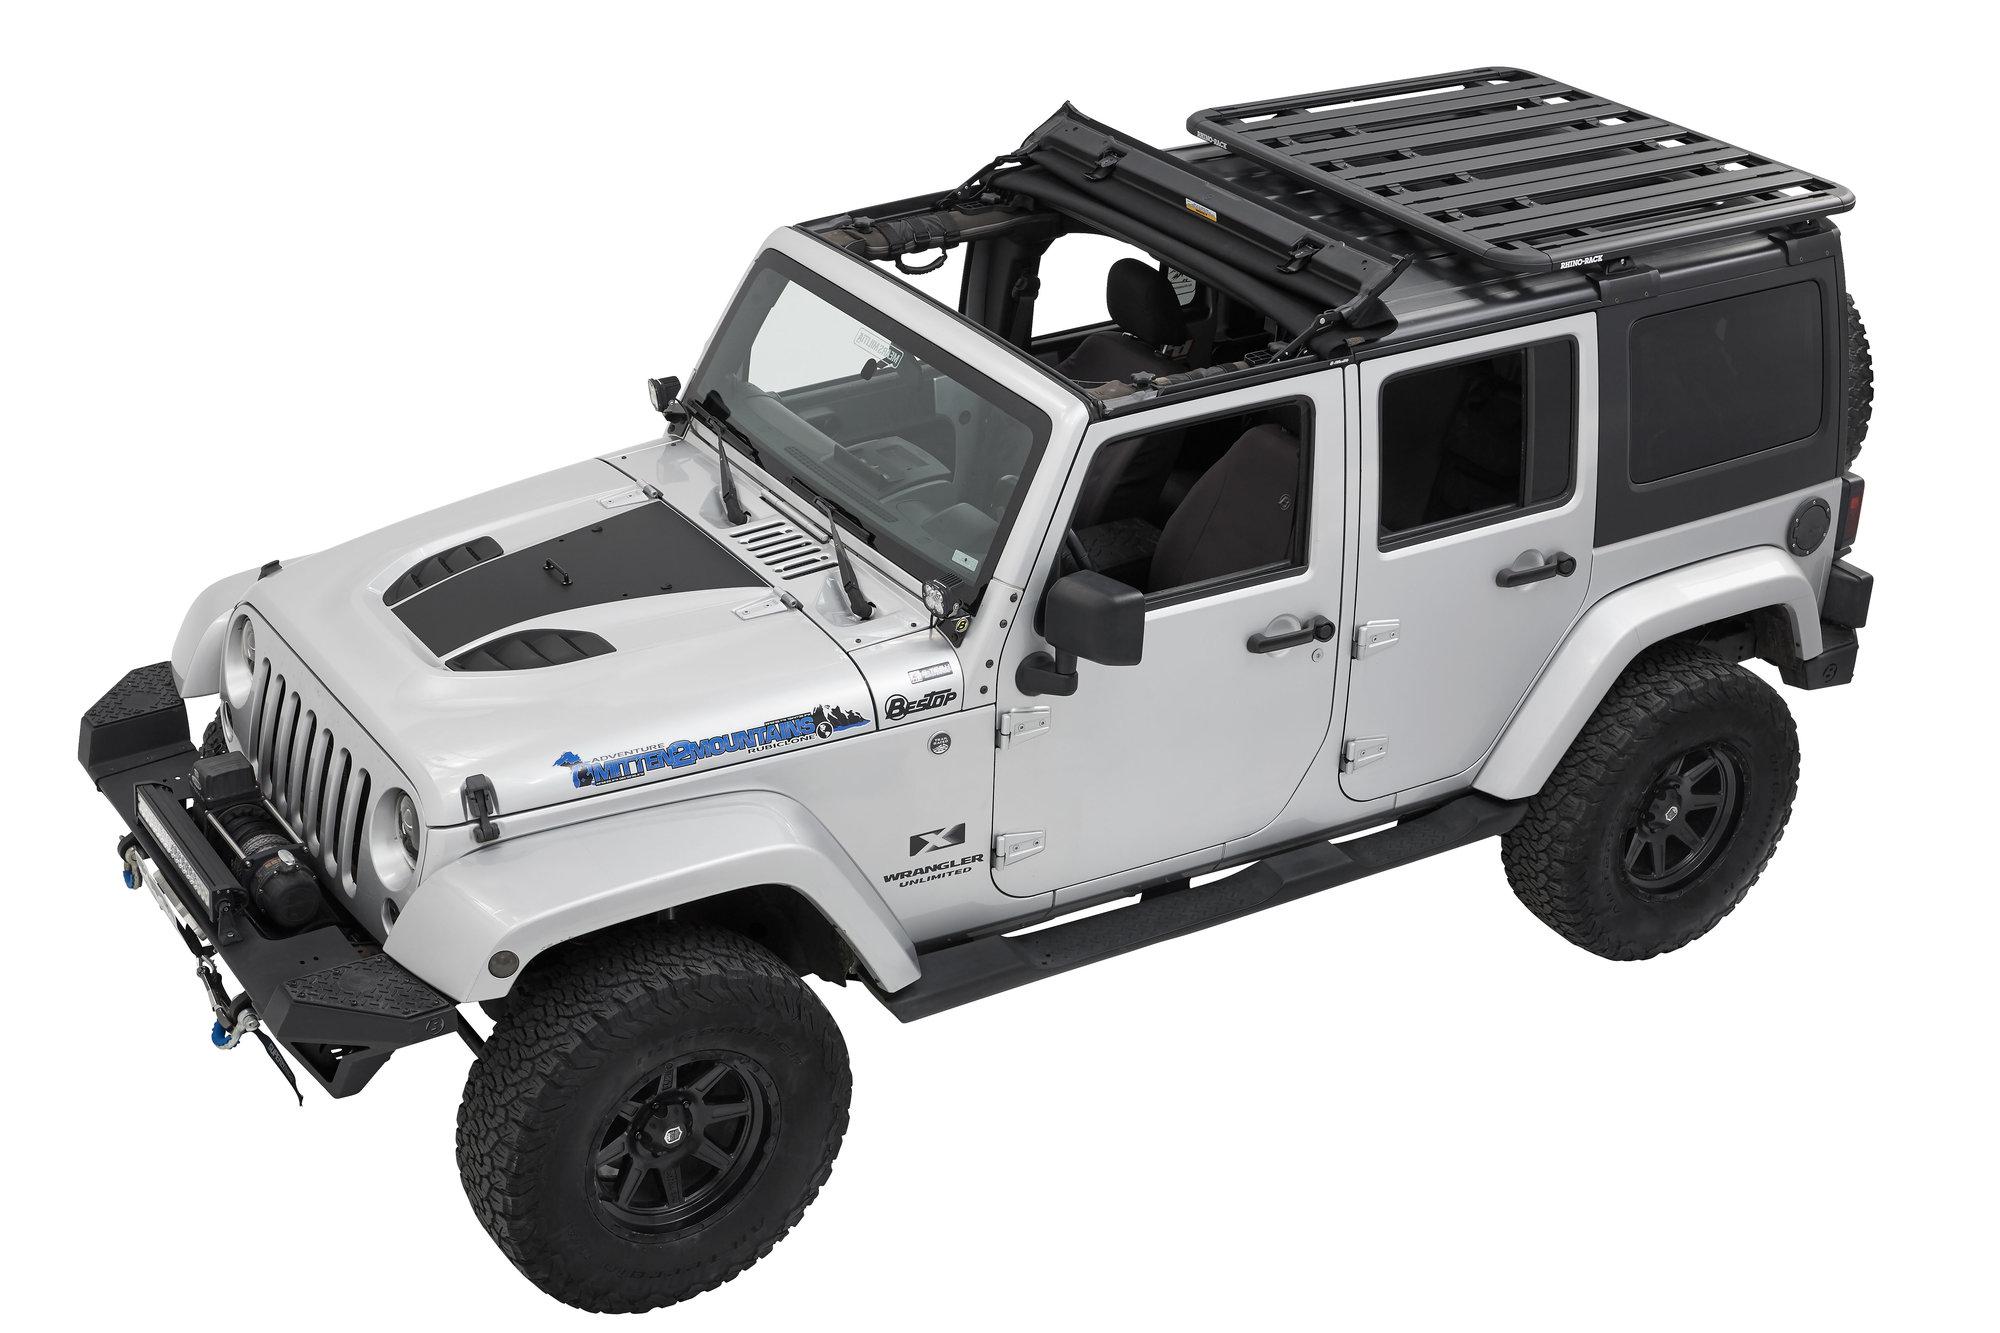 bestop rhino rack for sunrider for 07 18 jeep wrangler unlimited jk 4 door